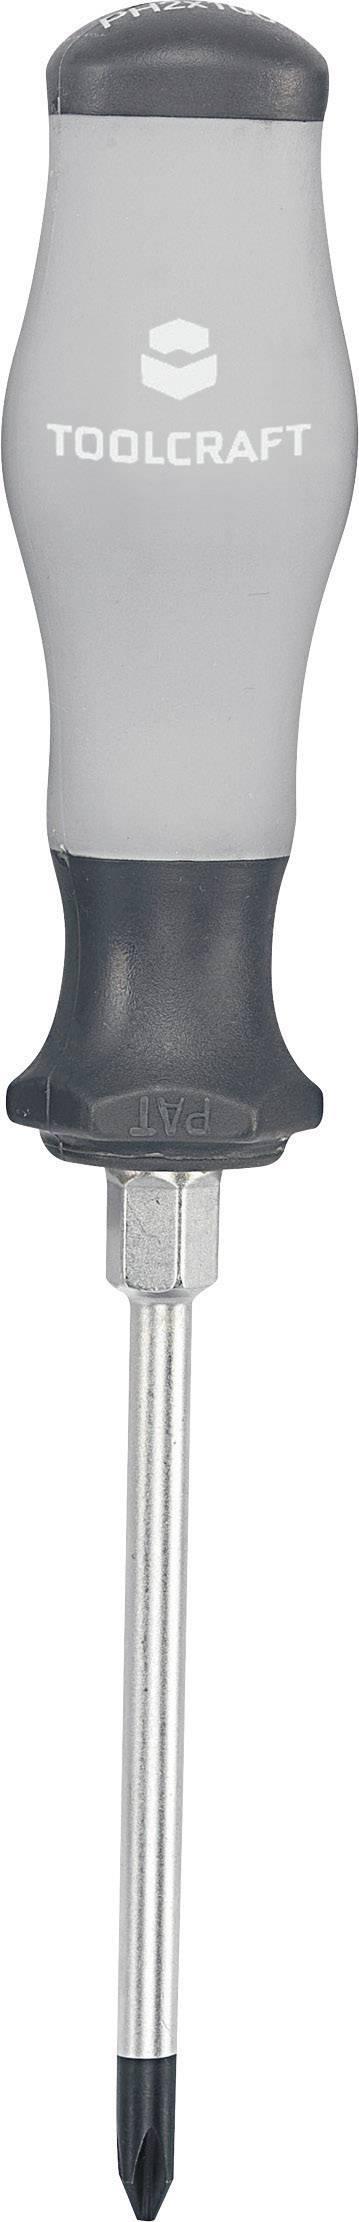 Krížový skrutkovač TOOLCRAFT 820740, PH 2, čepeľ 100 mm